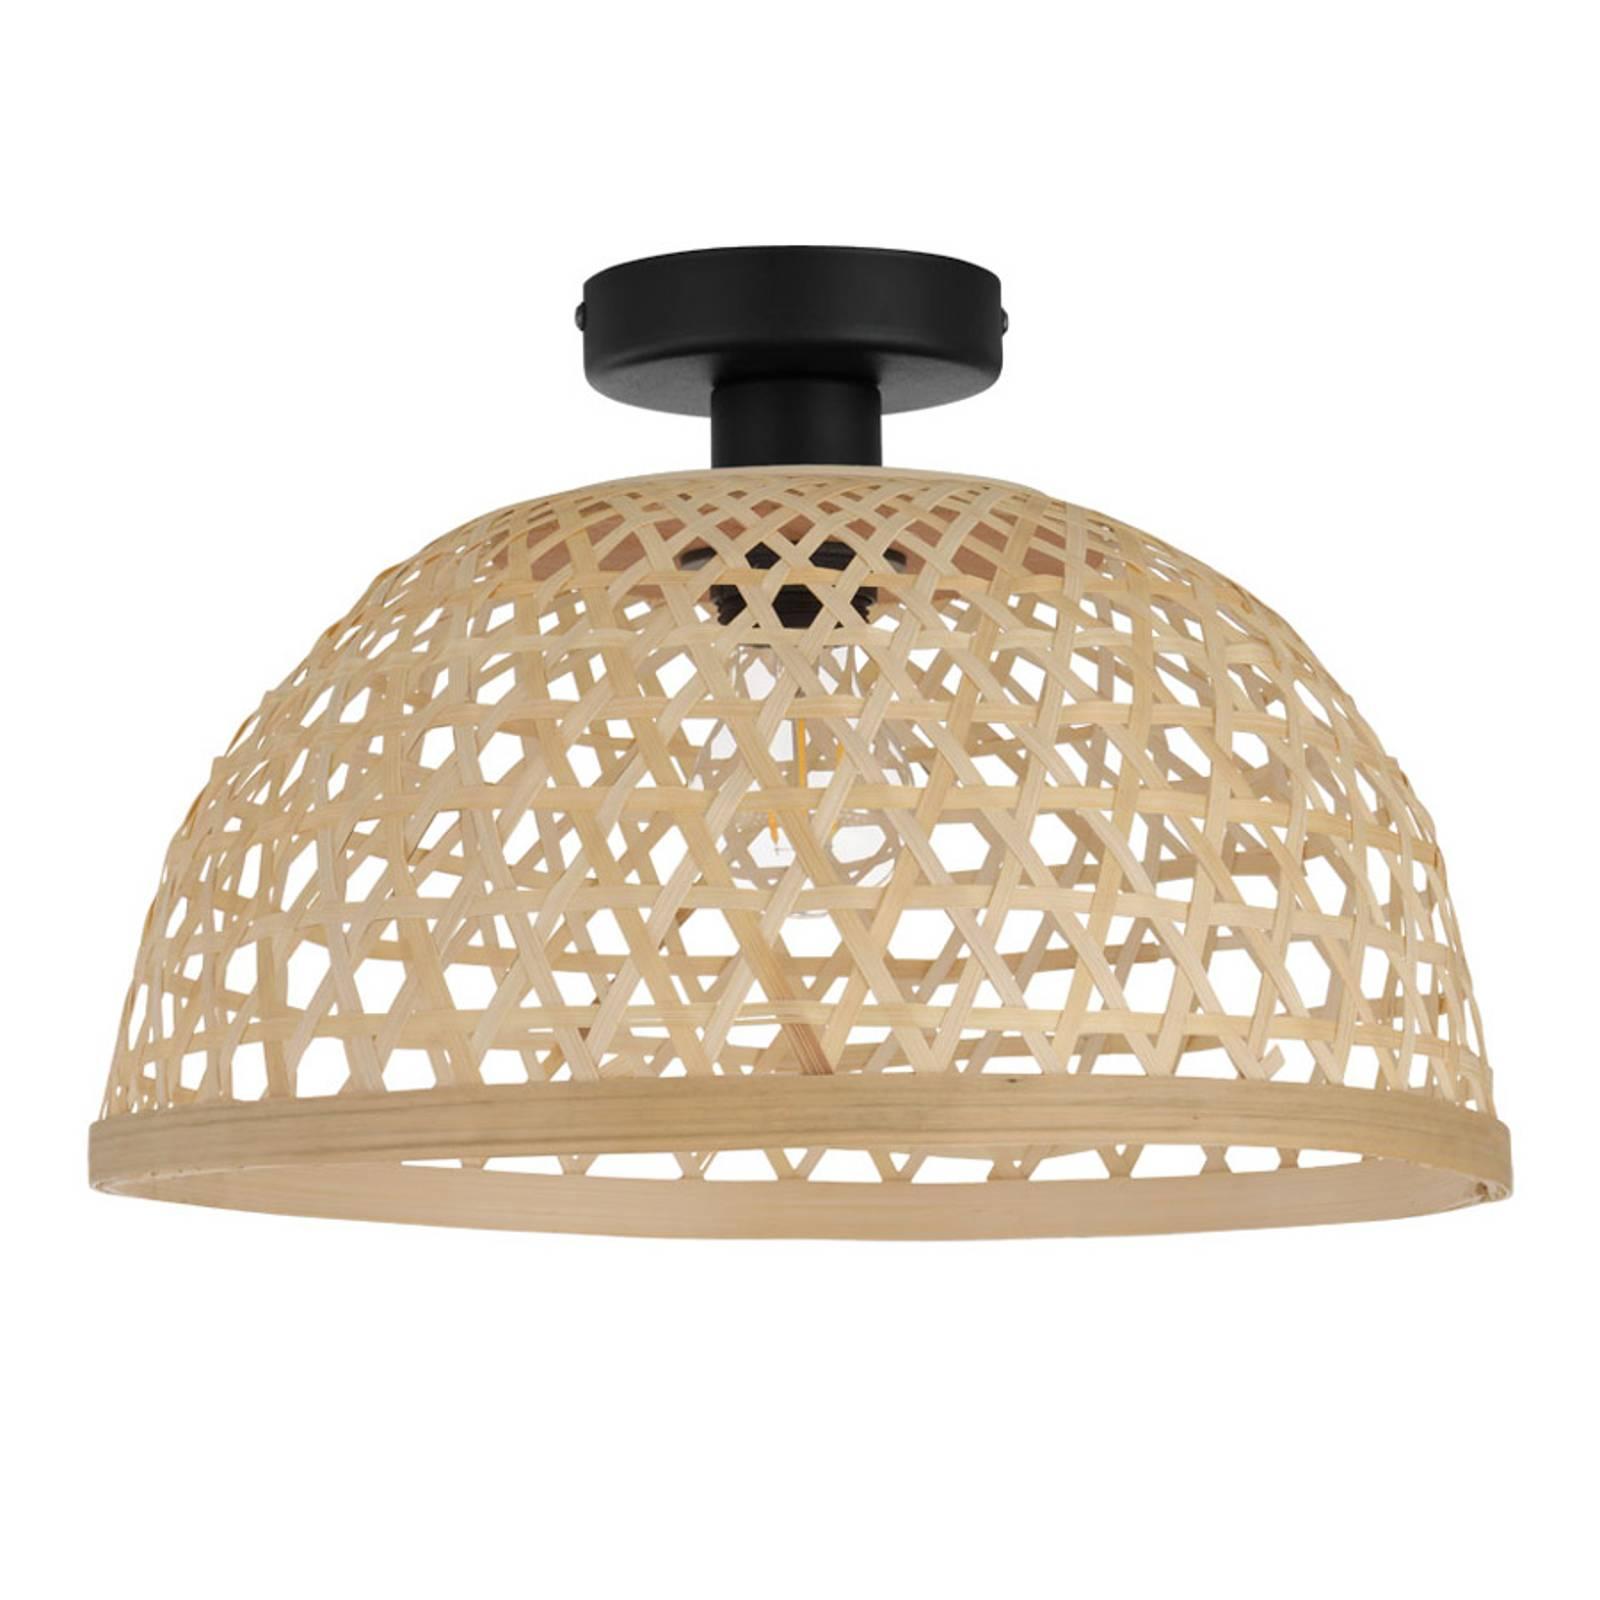 Lampa sufitowa Claverdon z plecionym kloszem